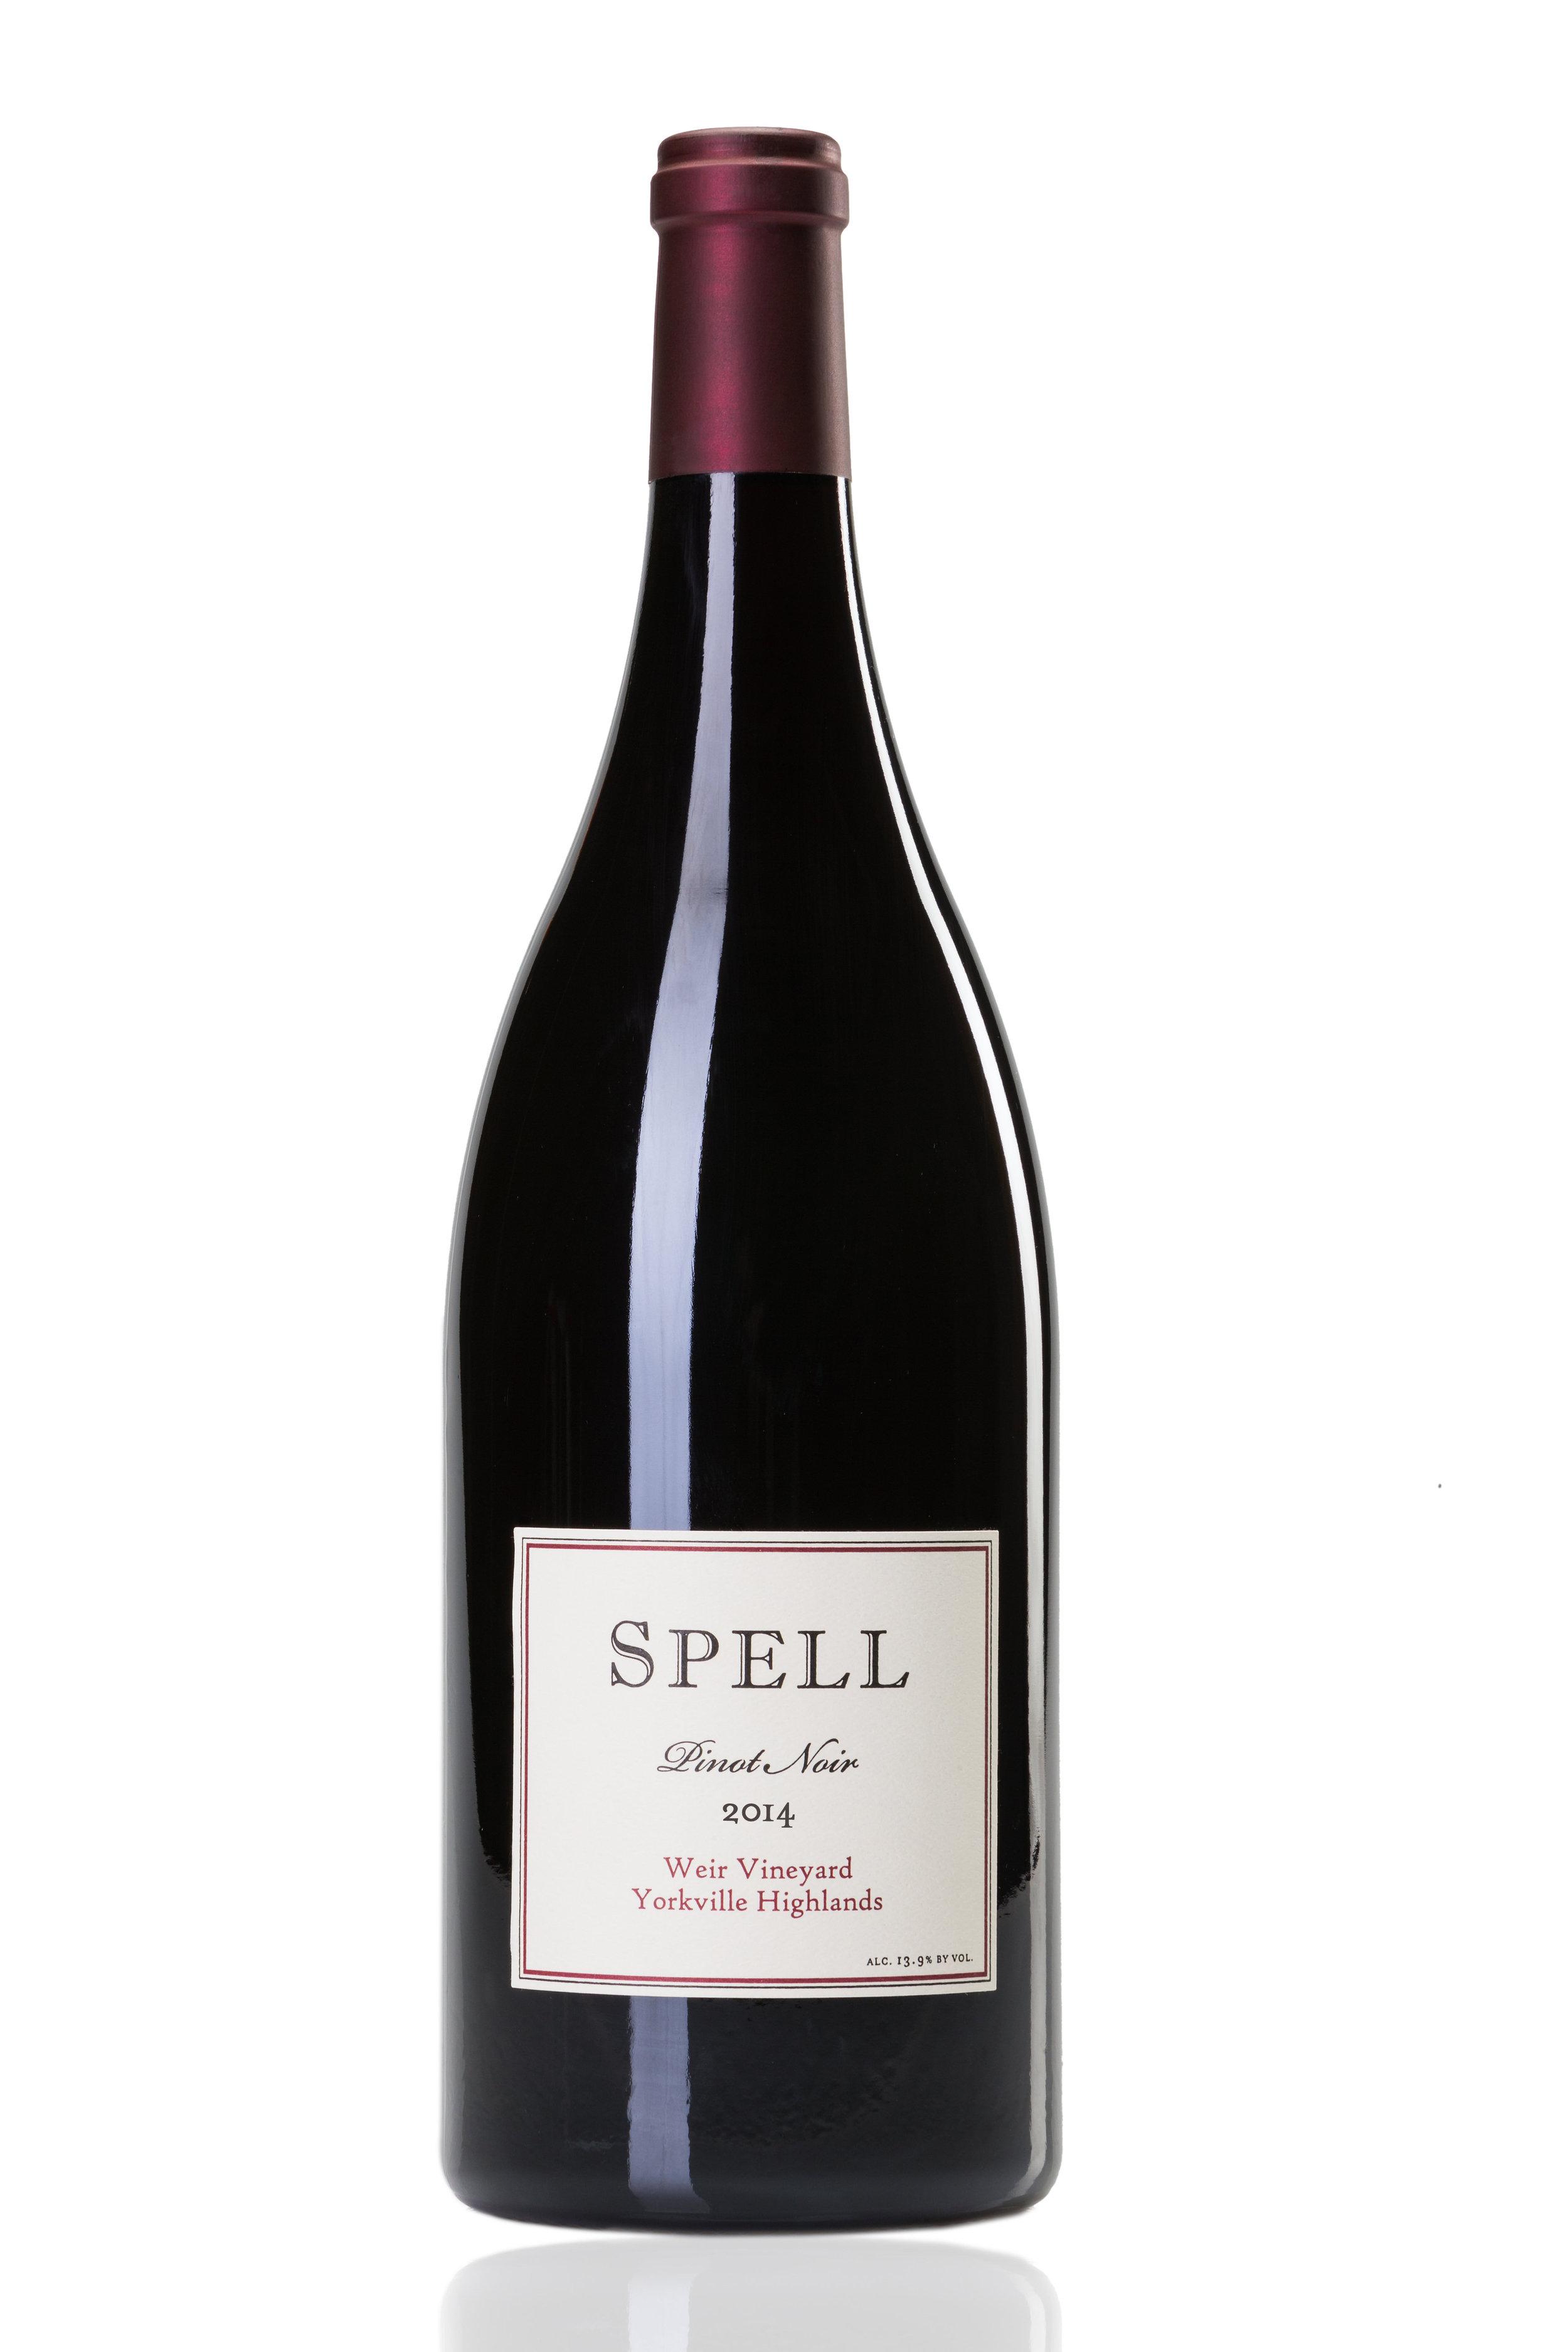 spellestate_wine_PinotNoir_Thanksgiving_spiritedtable_photo2.jpg